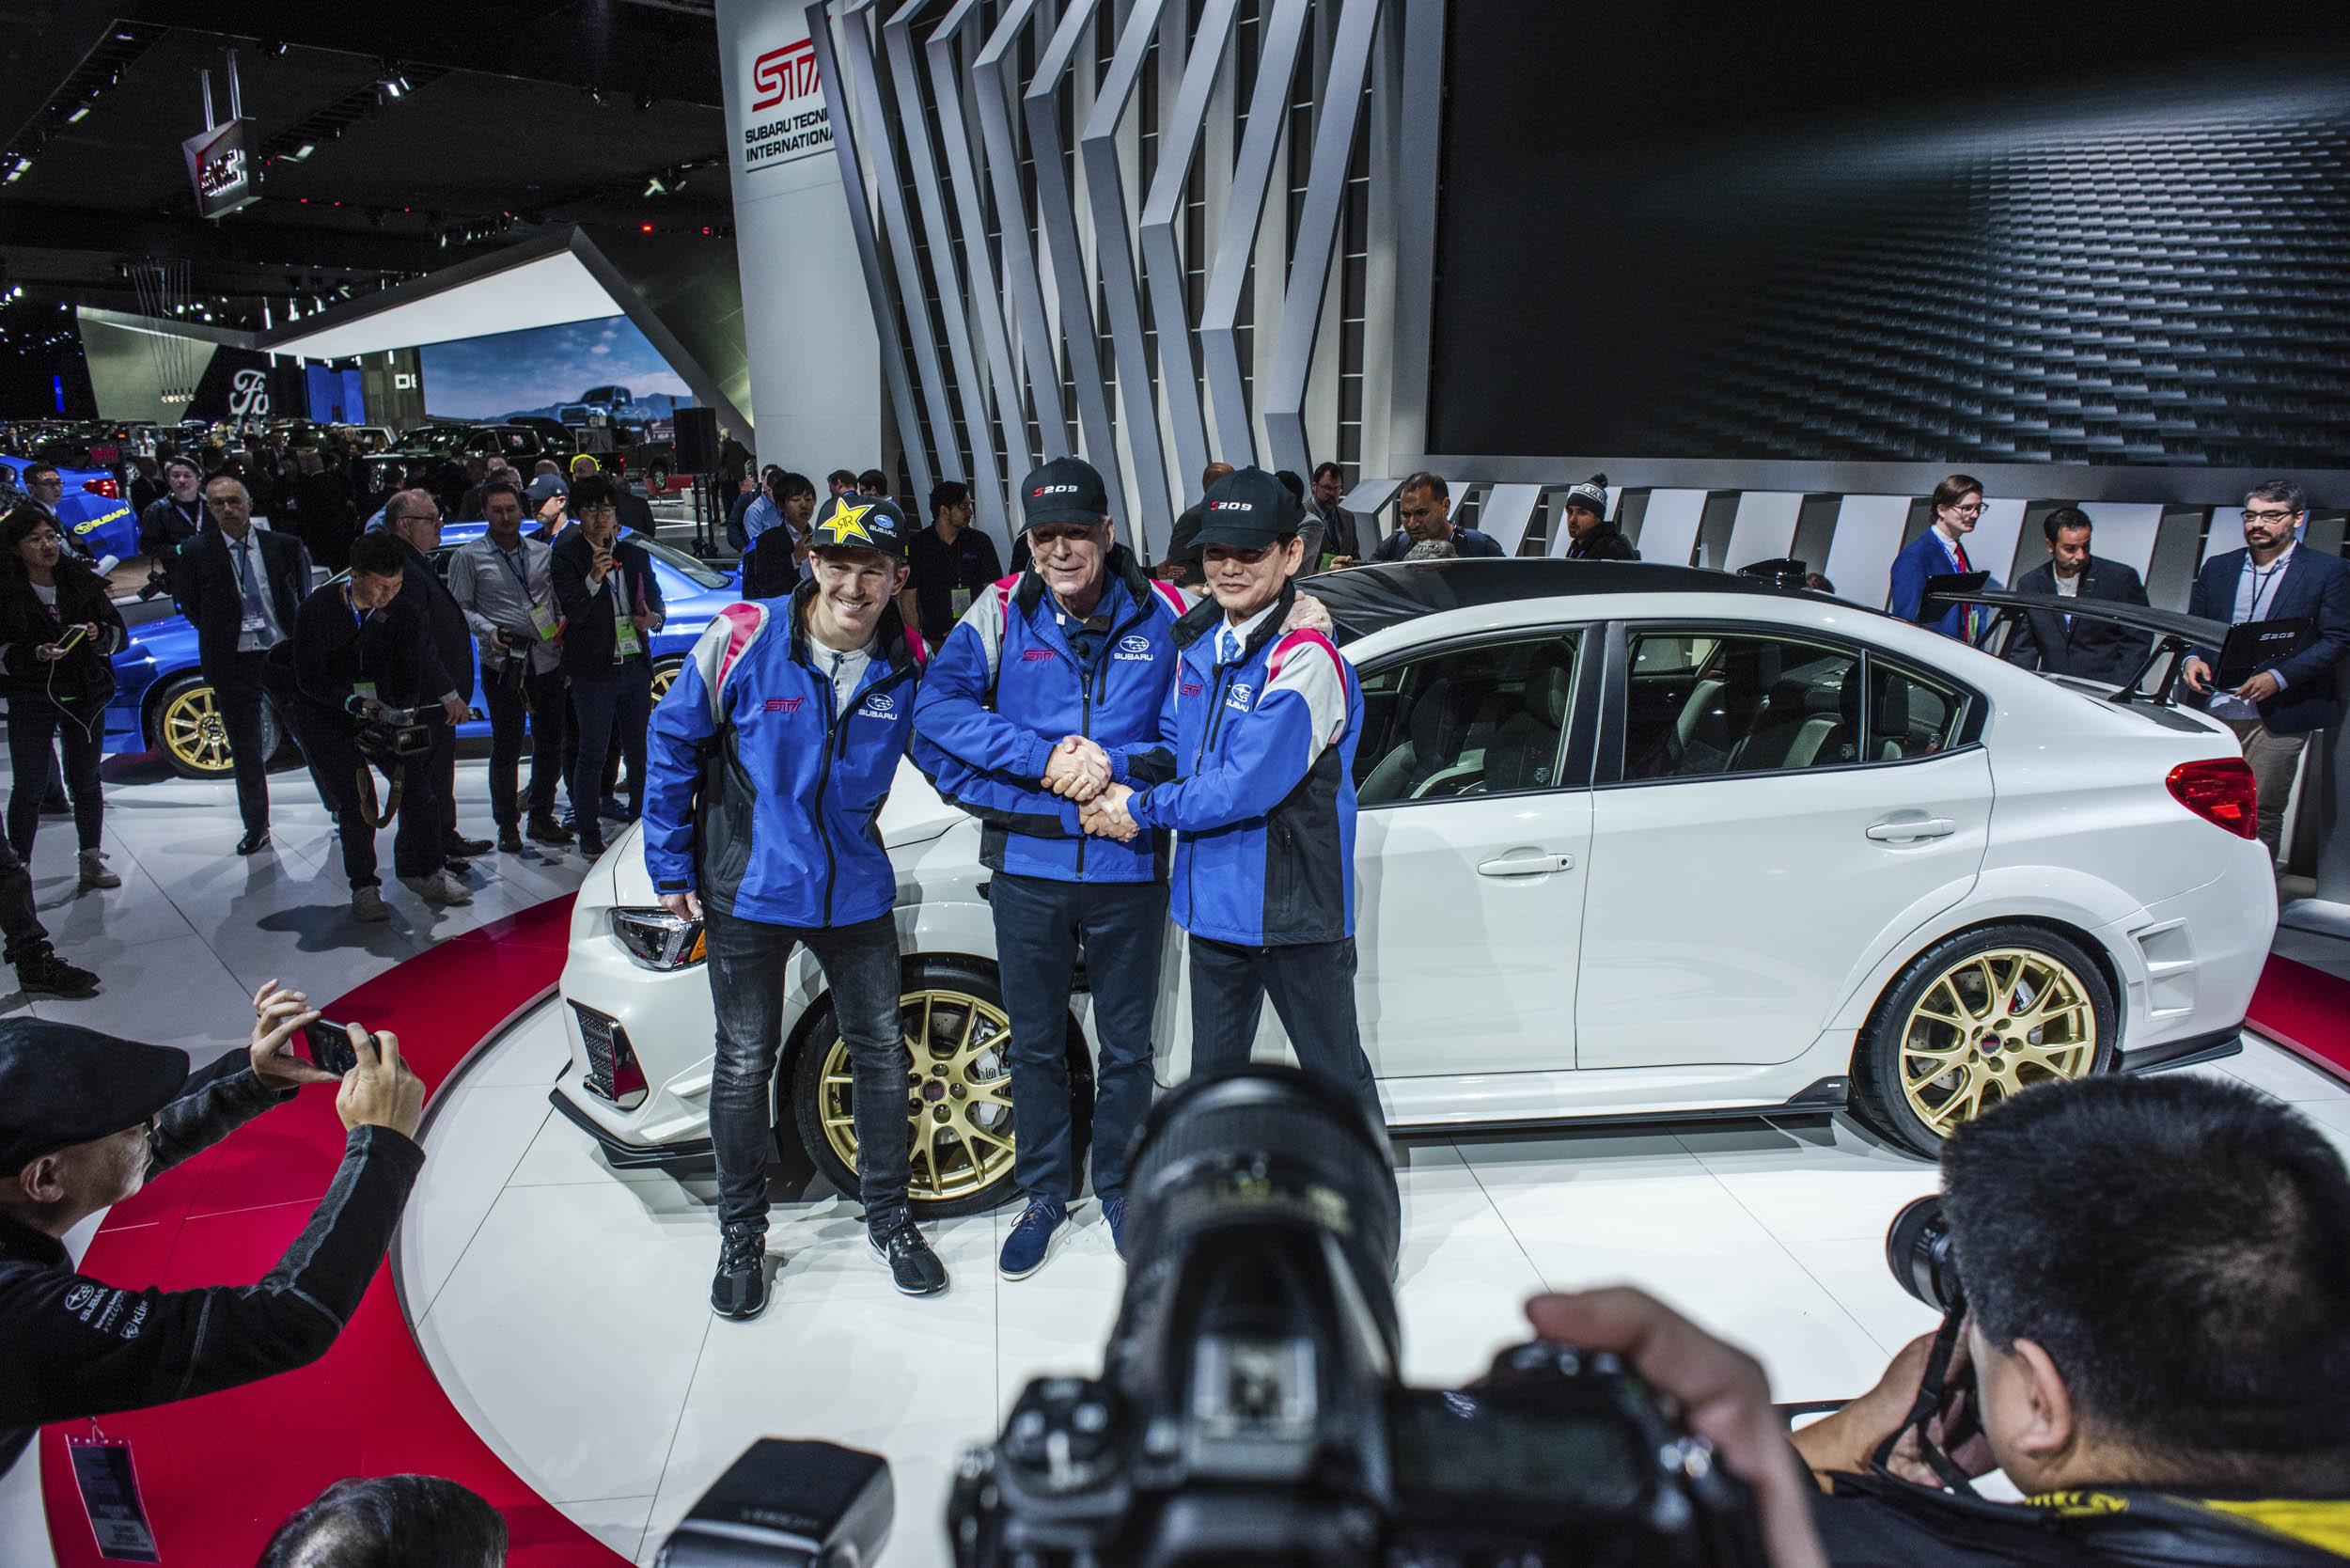 2020 Subaru WRX STI S209 unveiled at the NAIAS